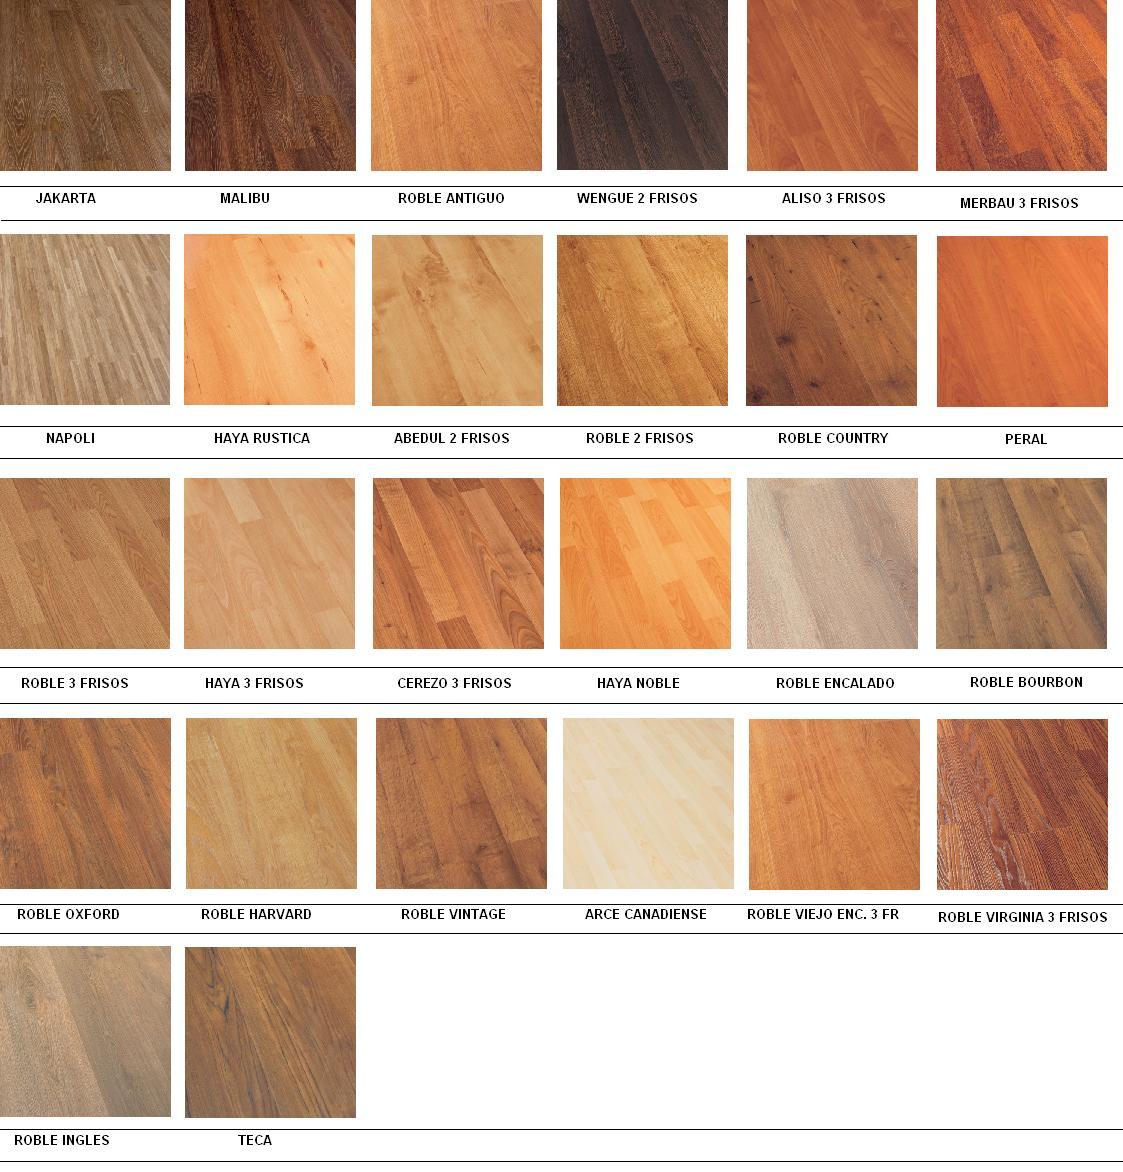 Soldinox suelos laminados - Suelos laminados de madera ...